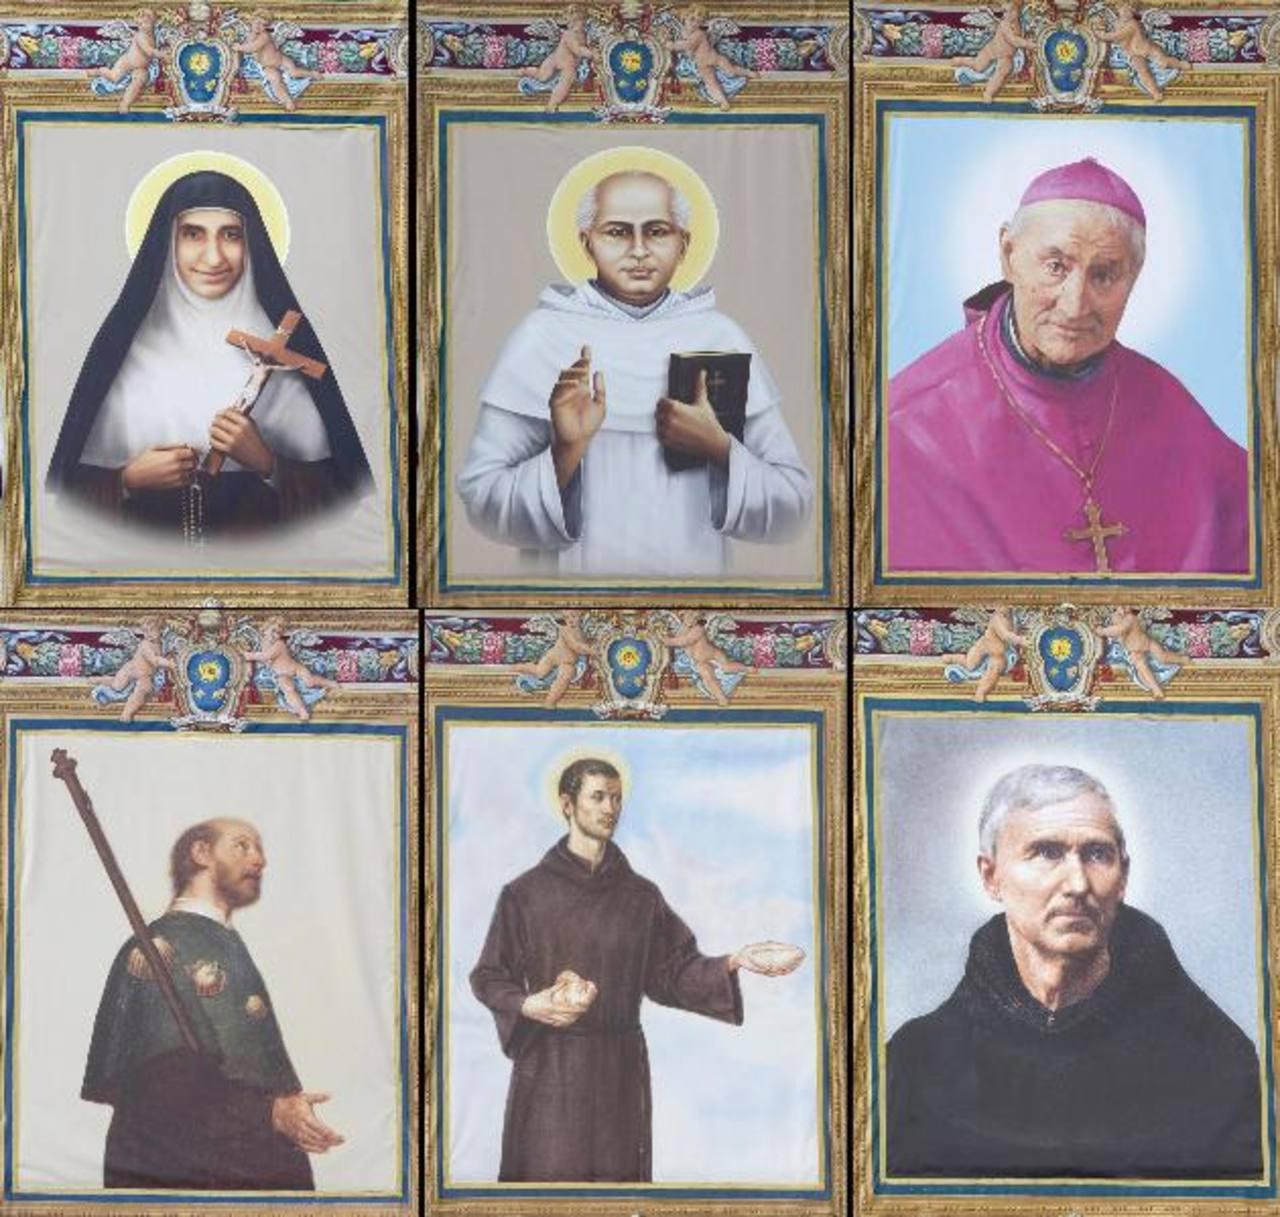 El Papa canonizó a cuatro italianos y dos indios. foto edhUnas 7,000 personas asistieron a la conferencia internacional sobre el autismo realizada en el Vaticano el pasado sábado. foto edh / ap